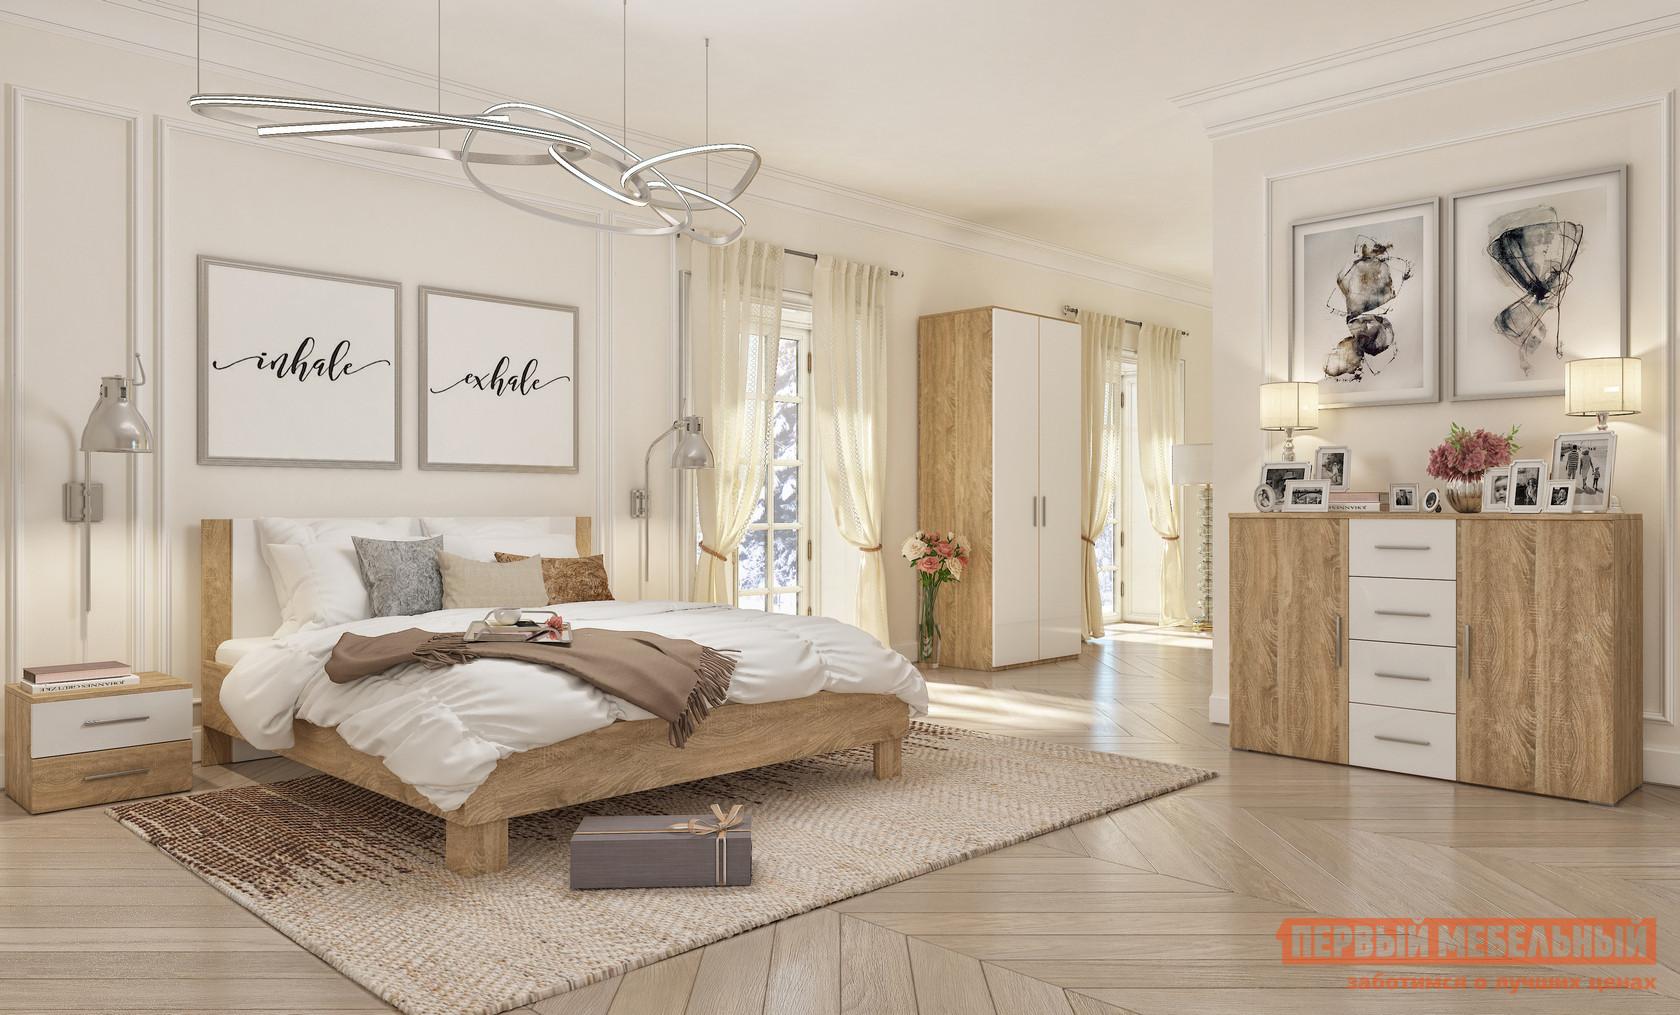 Спальный гарнитур Милана Монморанси К1 спальный гарнитур нк мебель марика к1